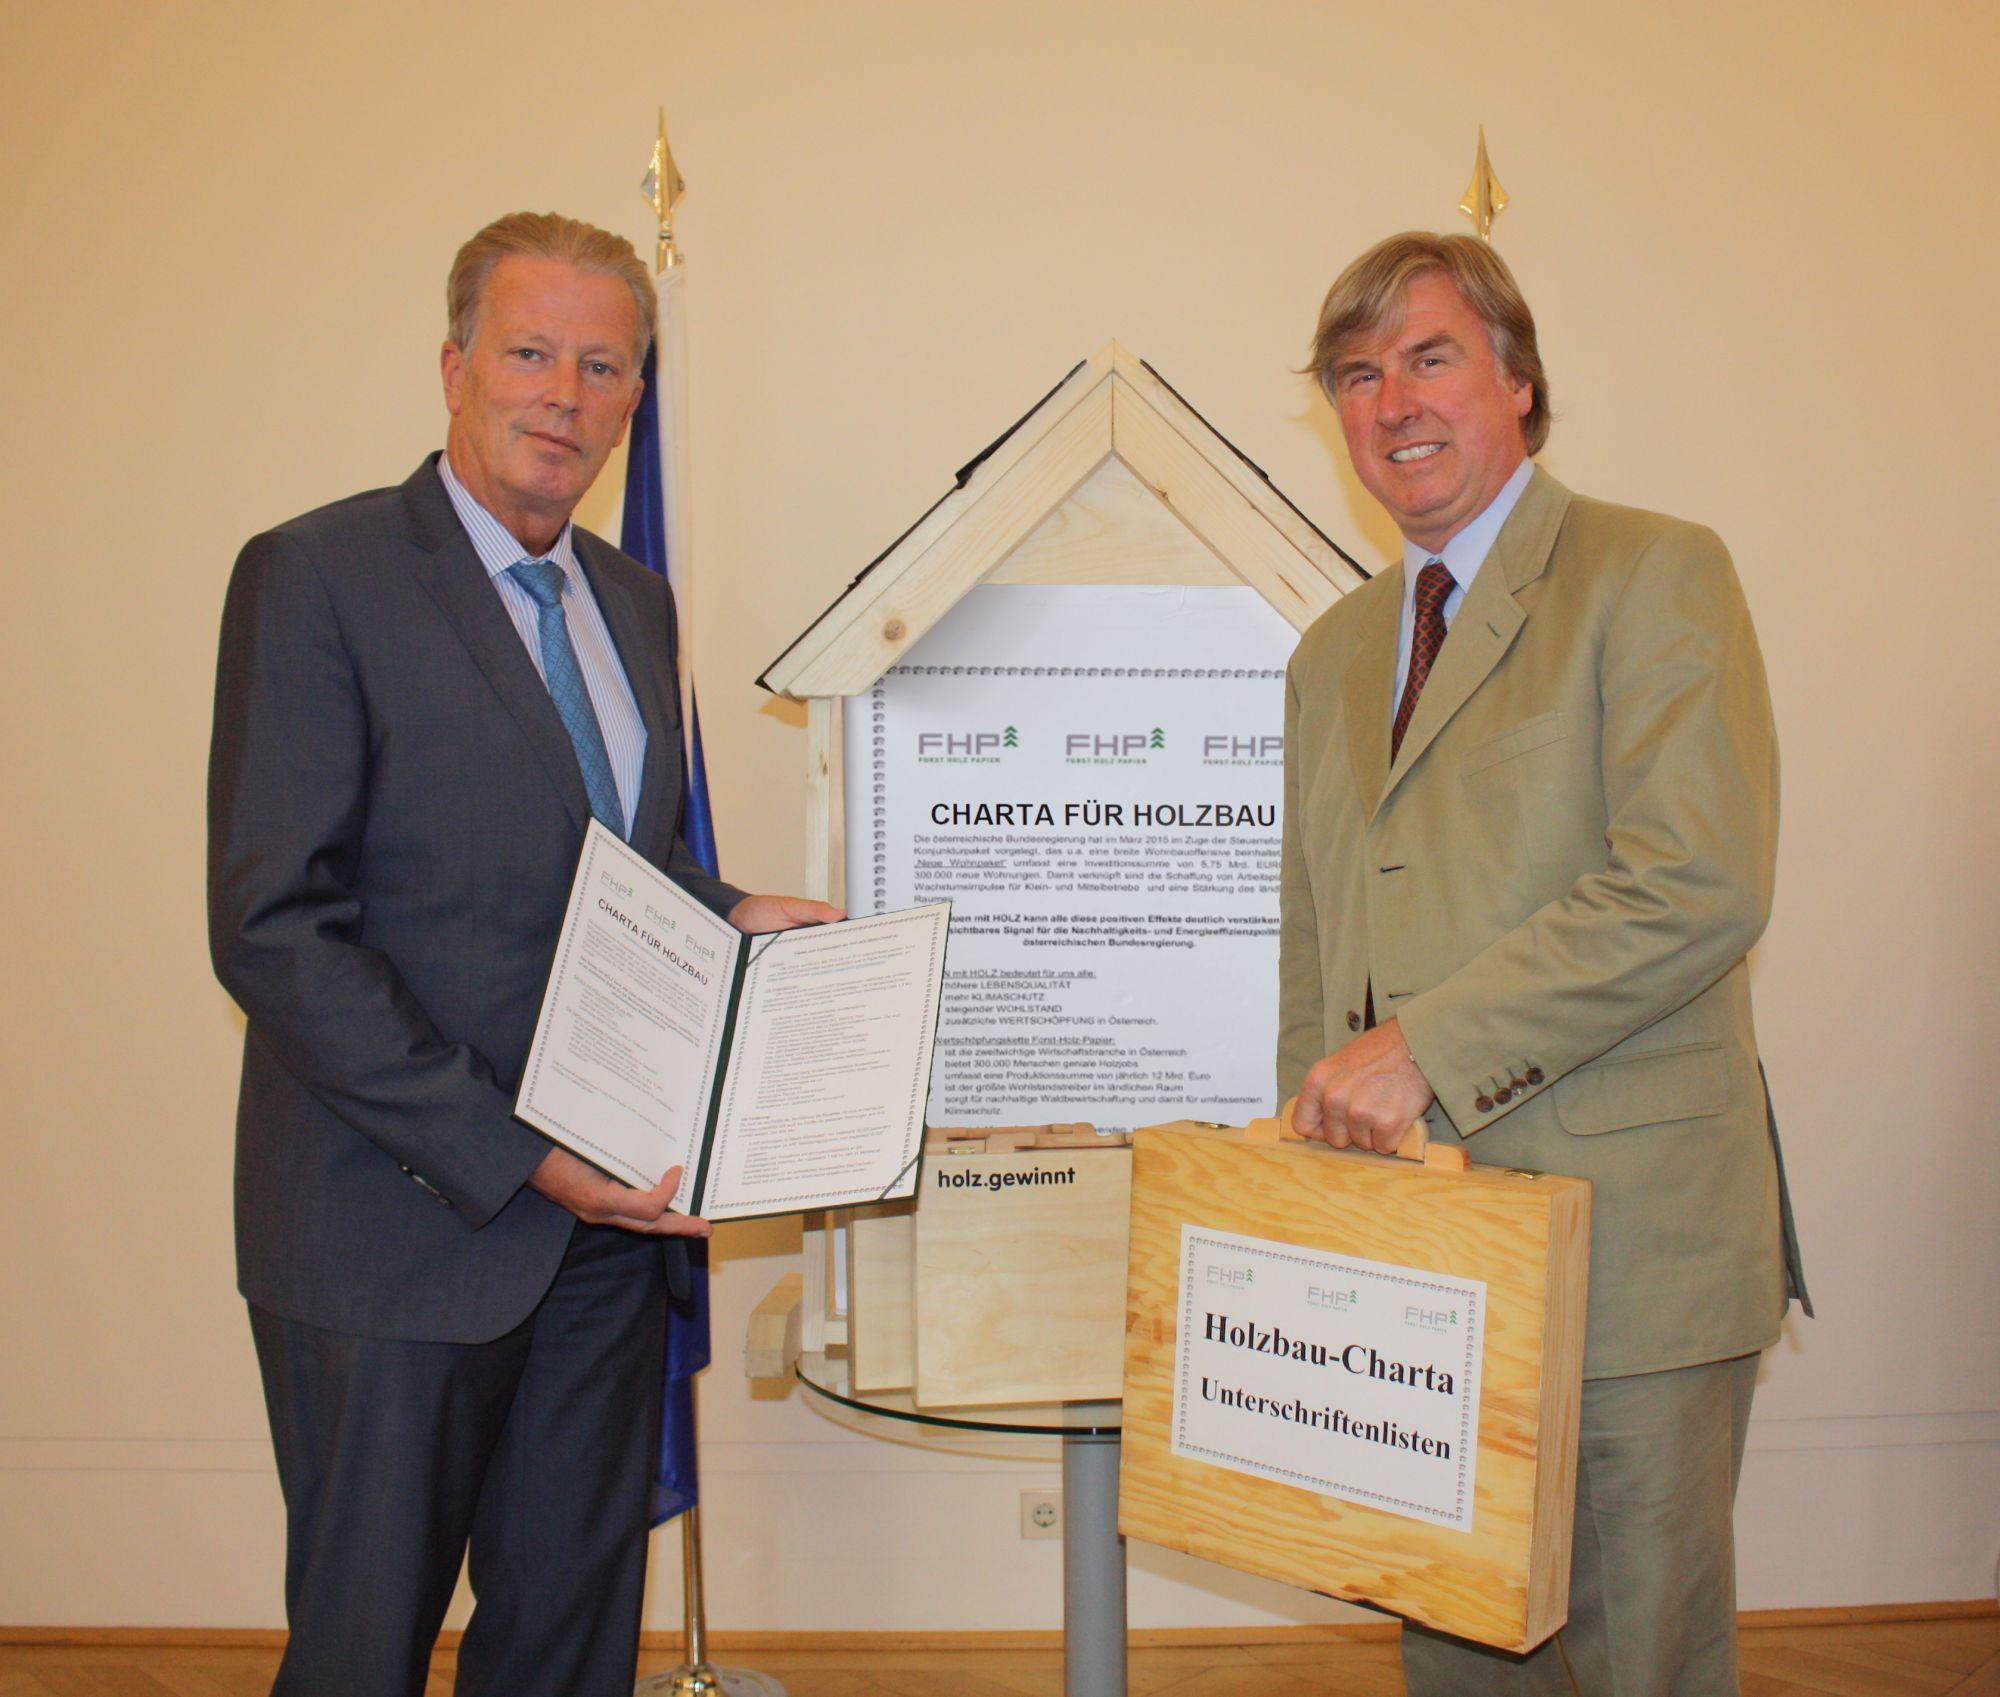 Vizekanzler Mitterlehner empfängt die Unterstützungserklärungen zur Holzbaucharta von FHP Vorsitzendem Starhemberg